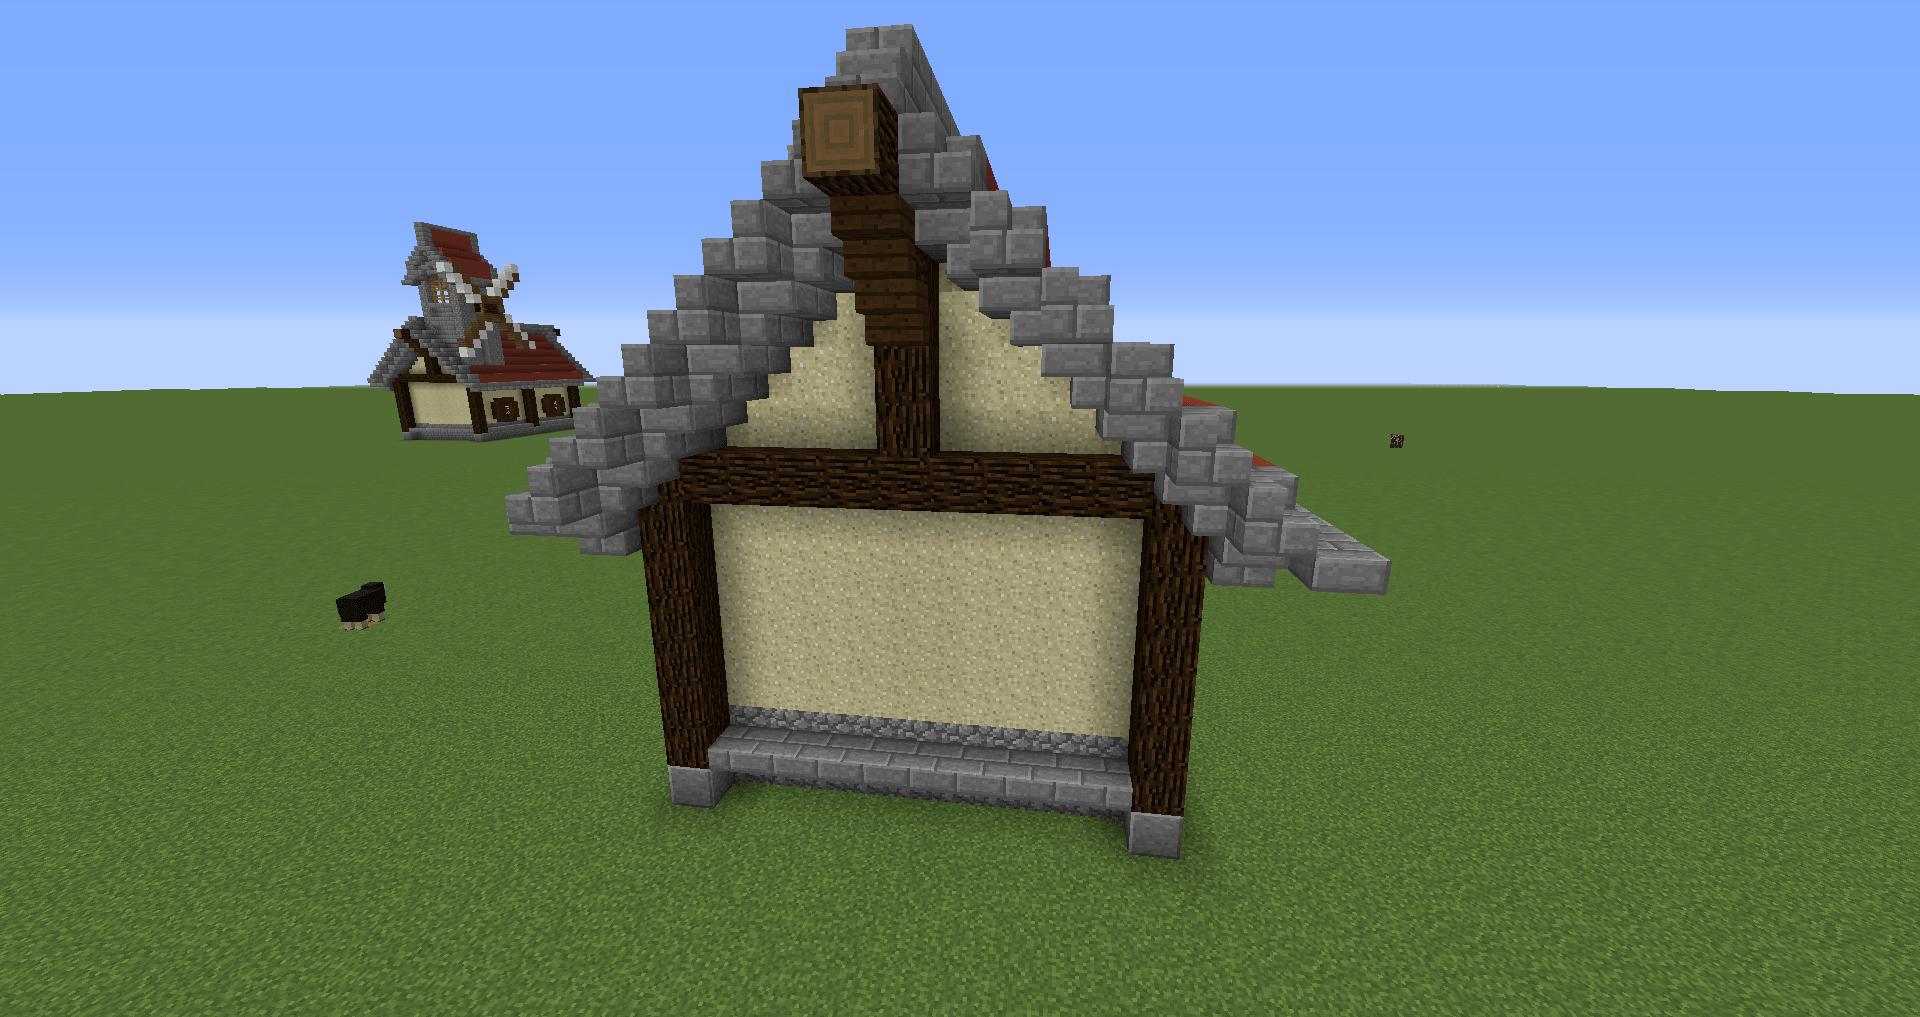 マインクラフト 風車小屋の作り方 簡単建築30